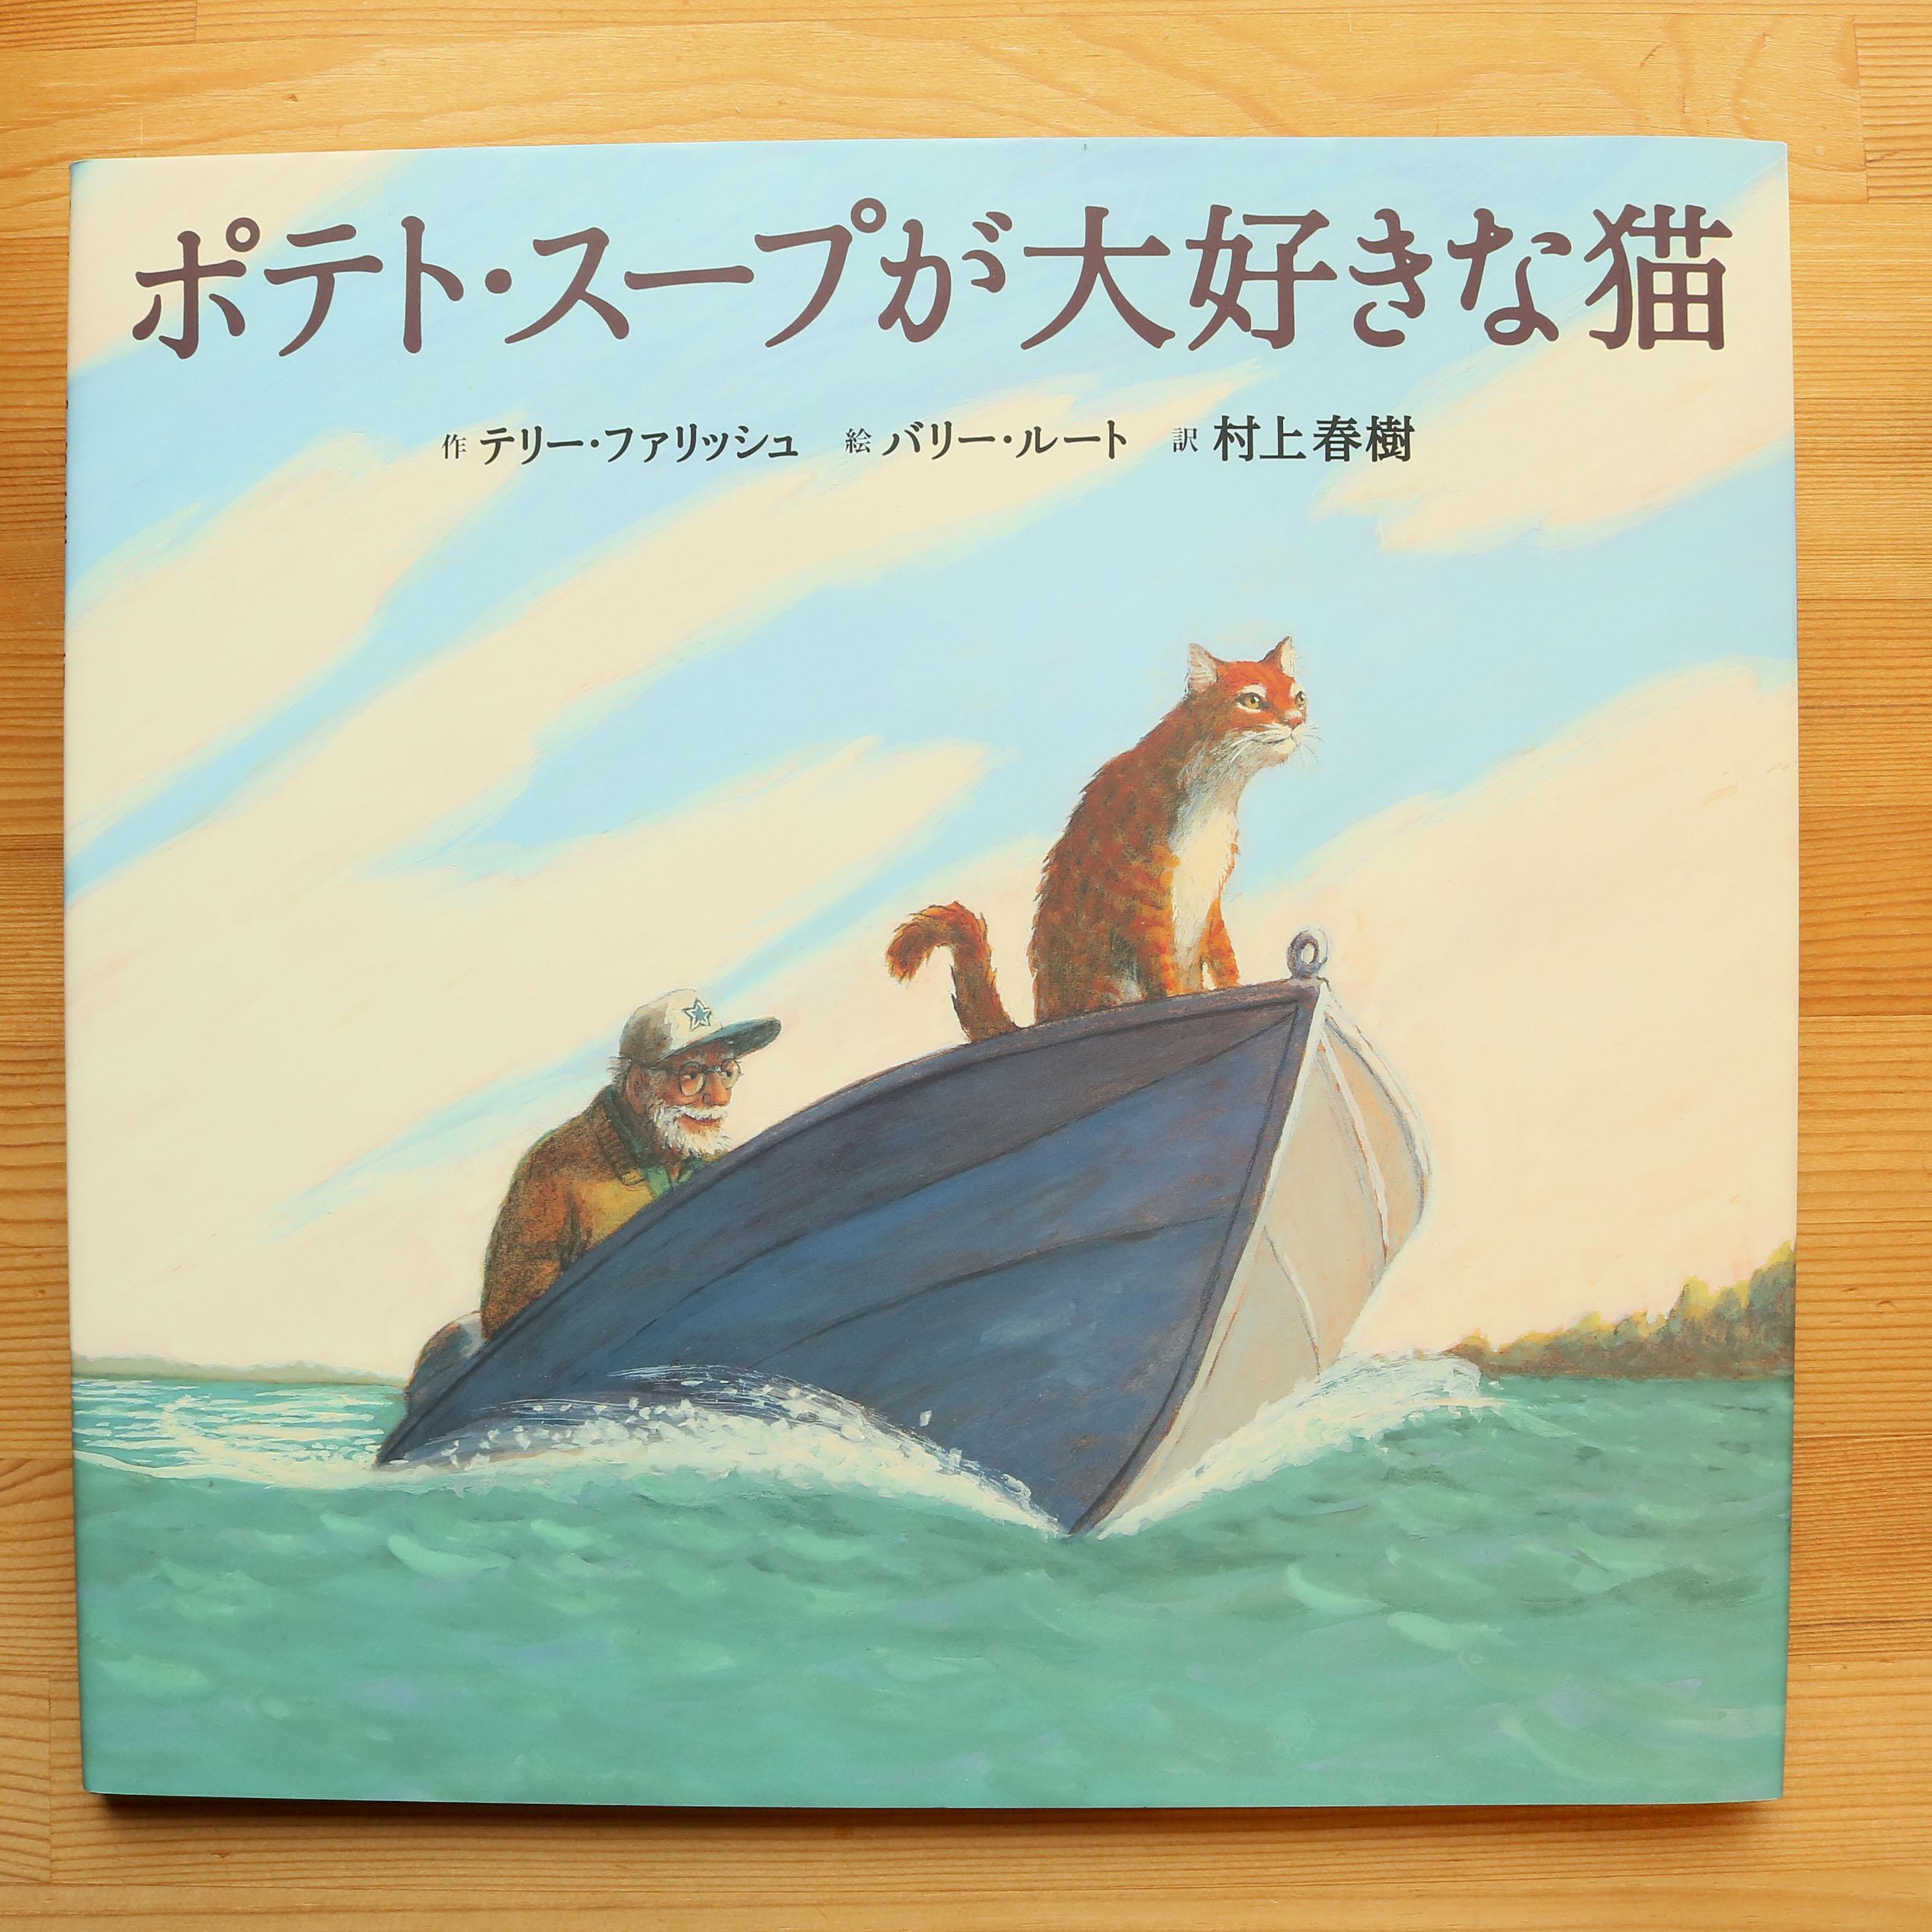 ポテト・スープが大好きな猫 村上春樹 絵本 猫絵本 秋田 かぎしっぽ